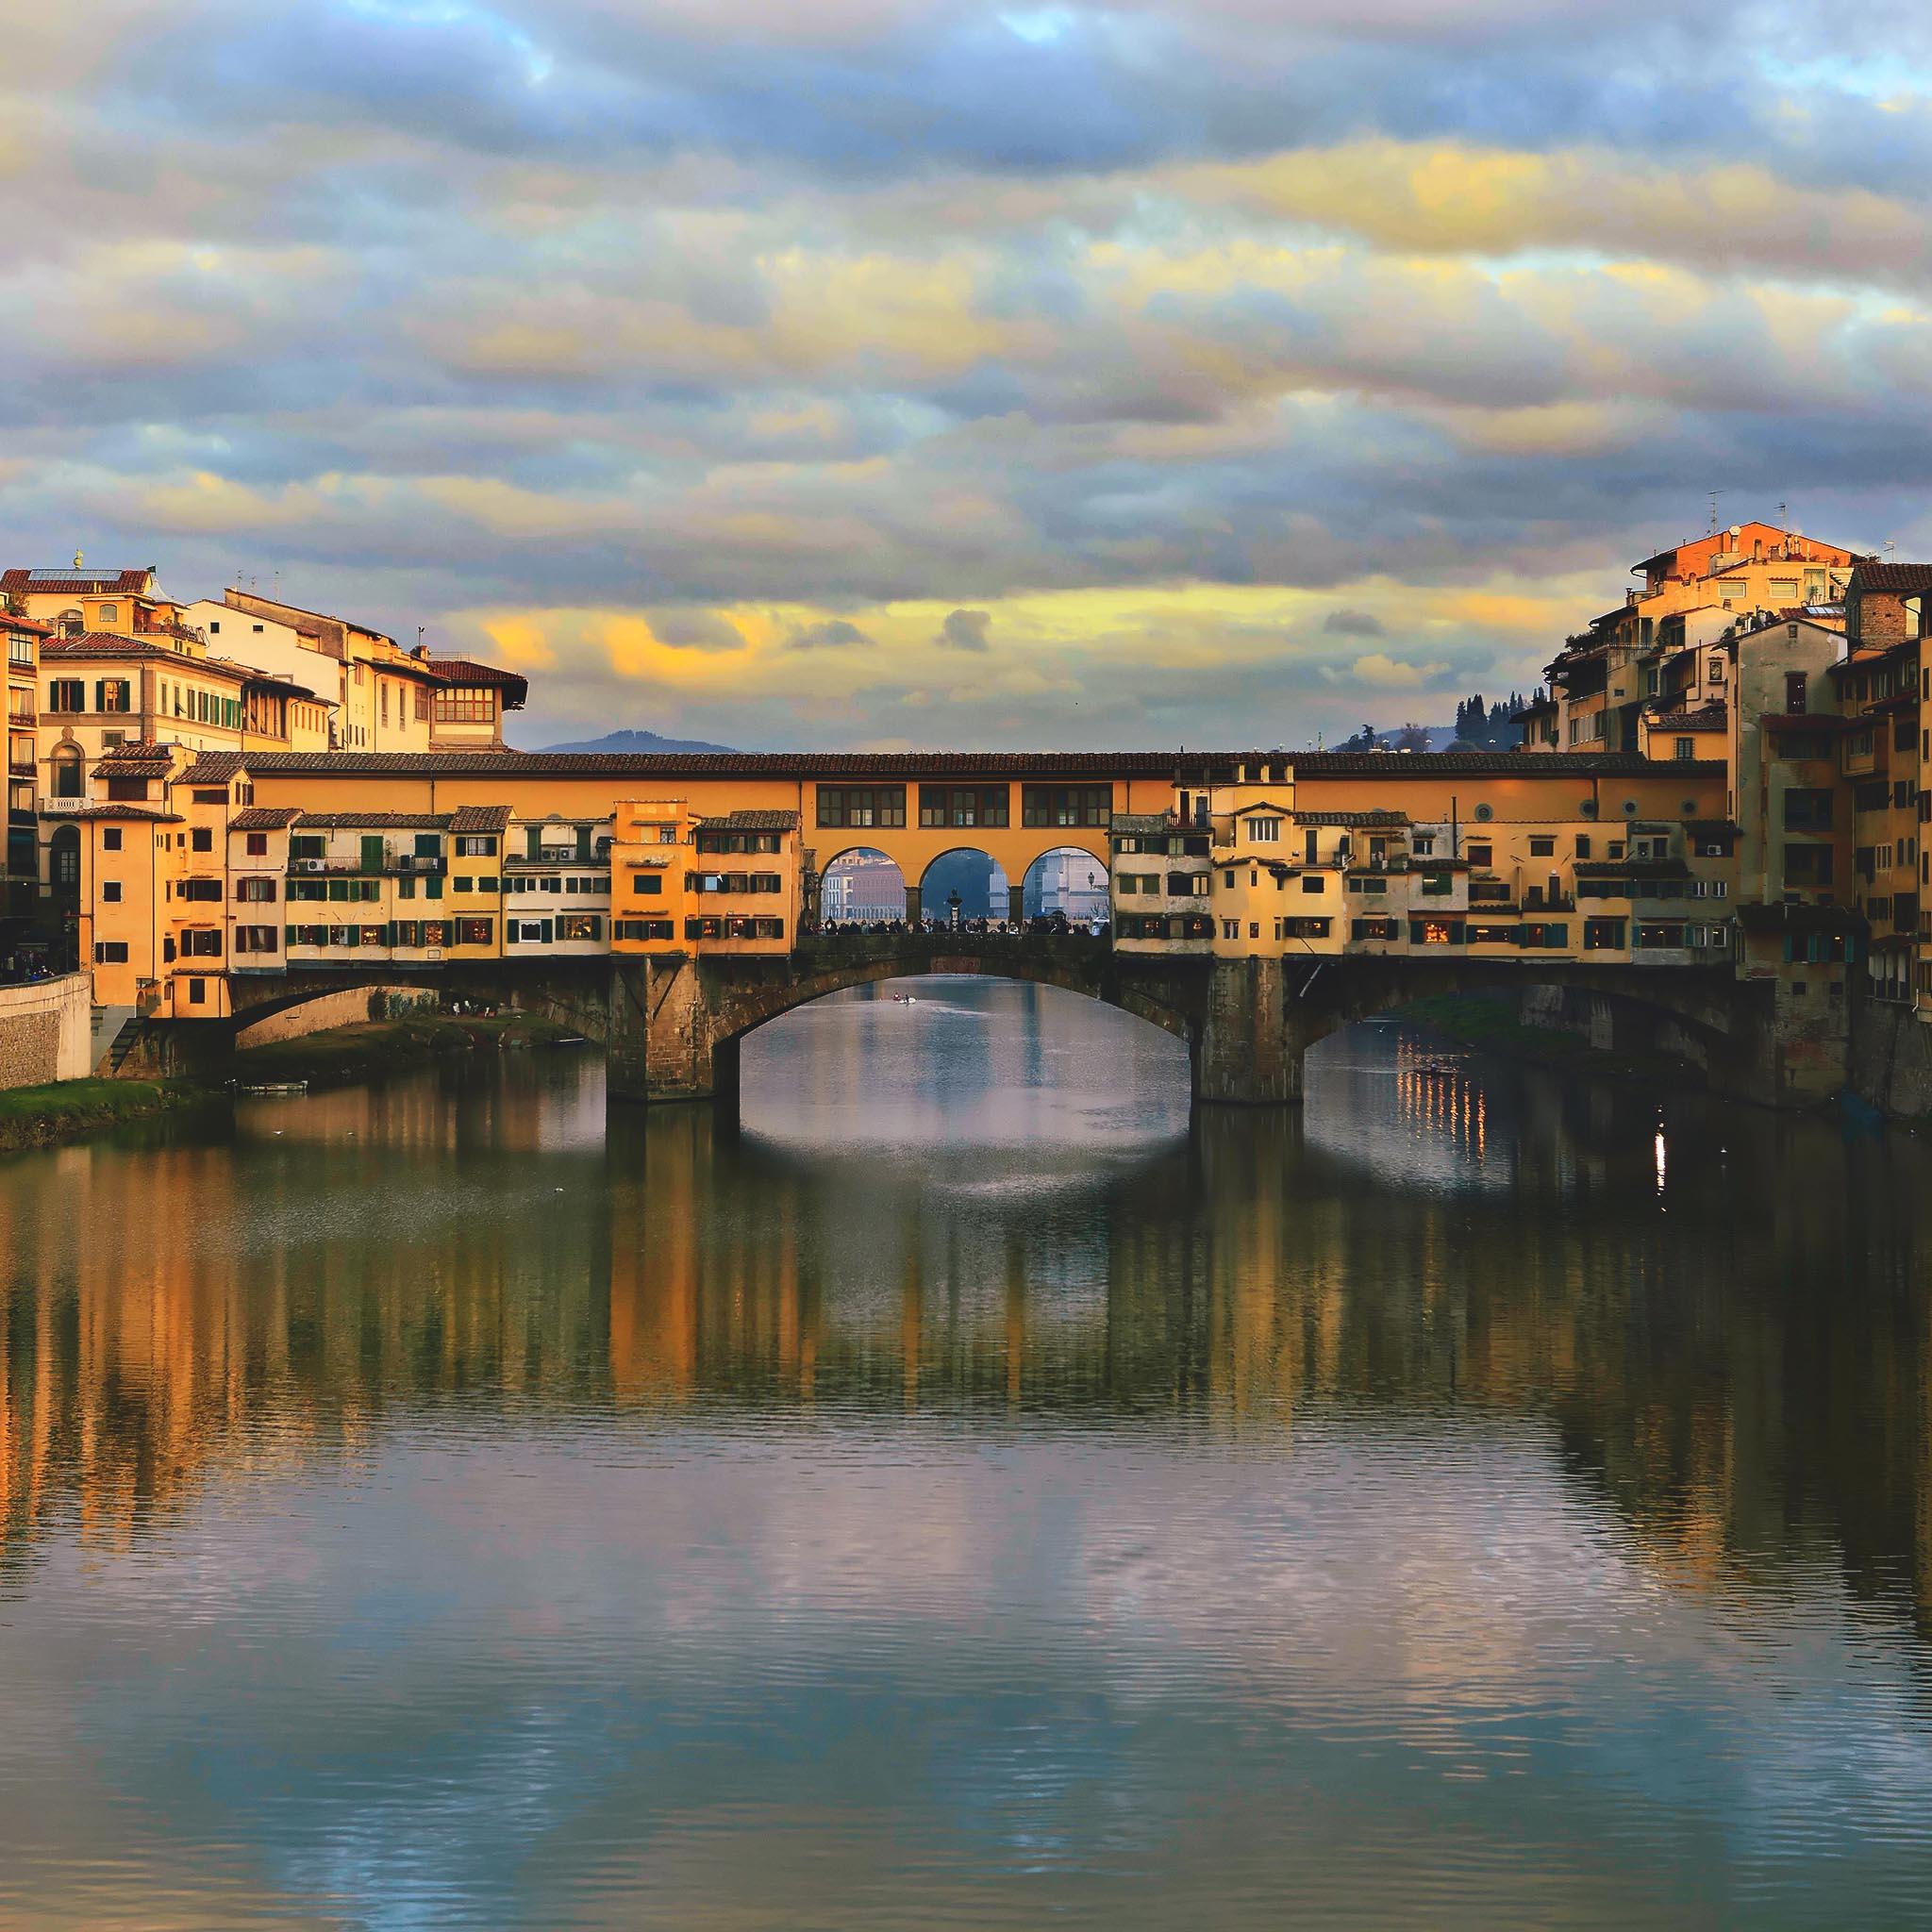 ponte_2048